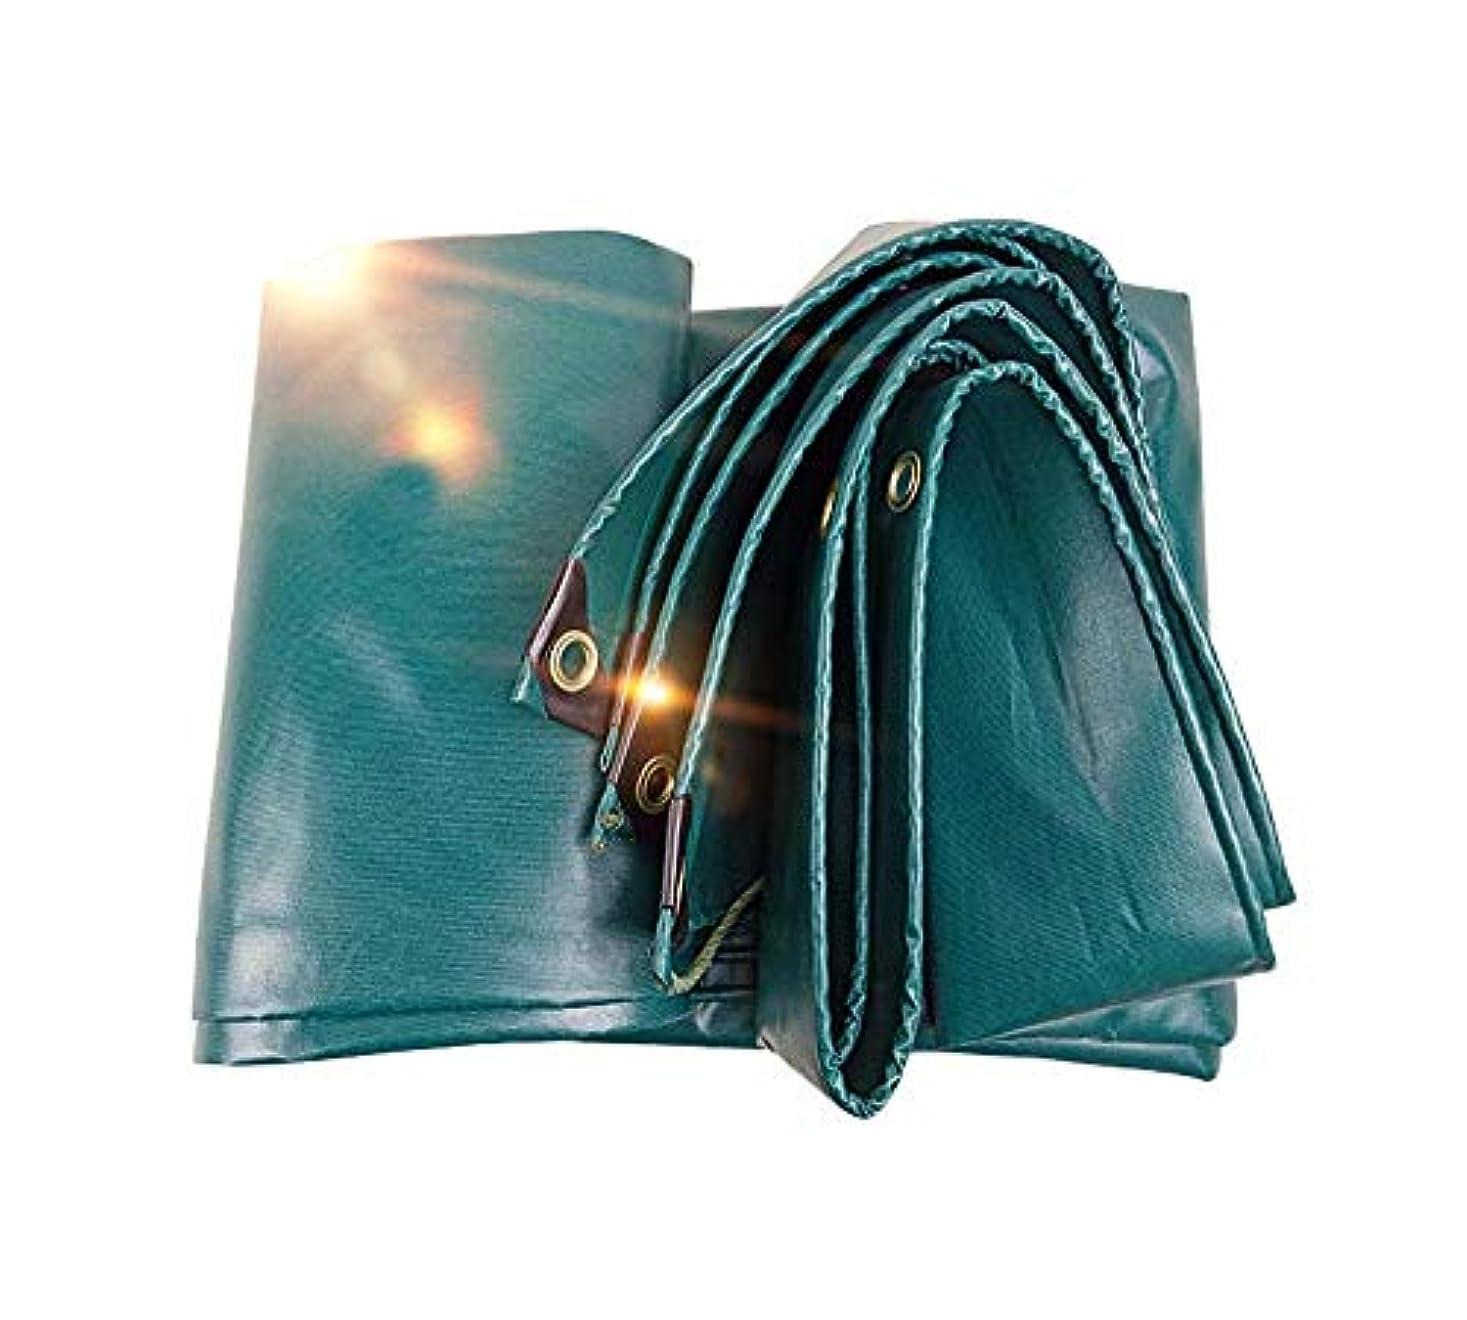 勤勉な代表するスーダン屋外防水穴あき防水シート、0.48 mm凍結防止断熱ターポリン、自動車用日焼け止めサンシェード、および防雨布、550 g/m 2